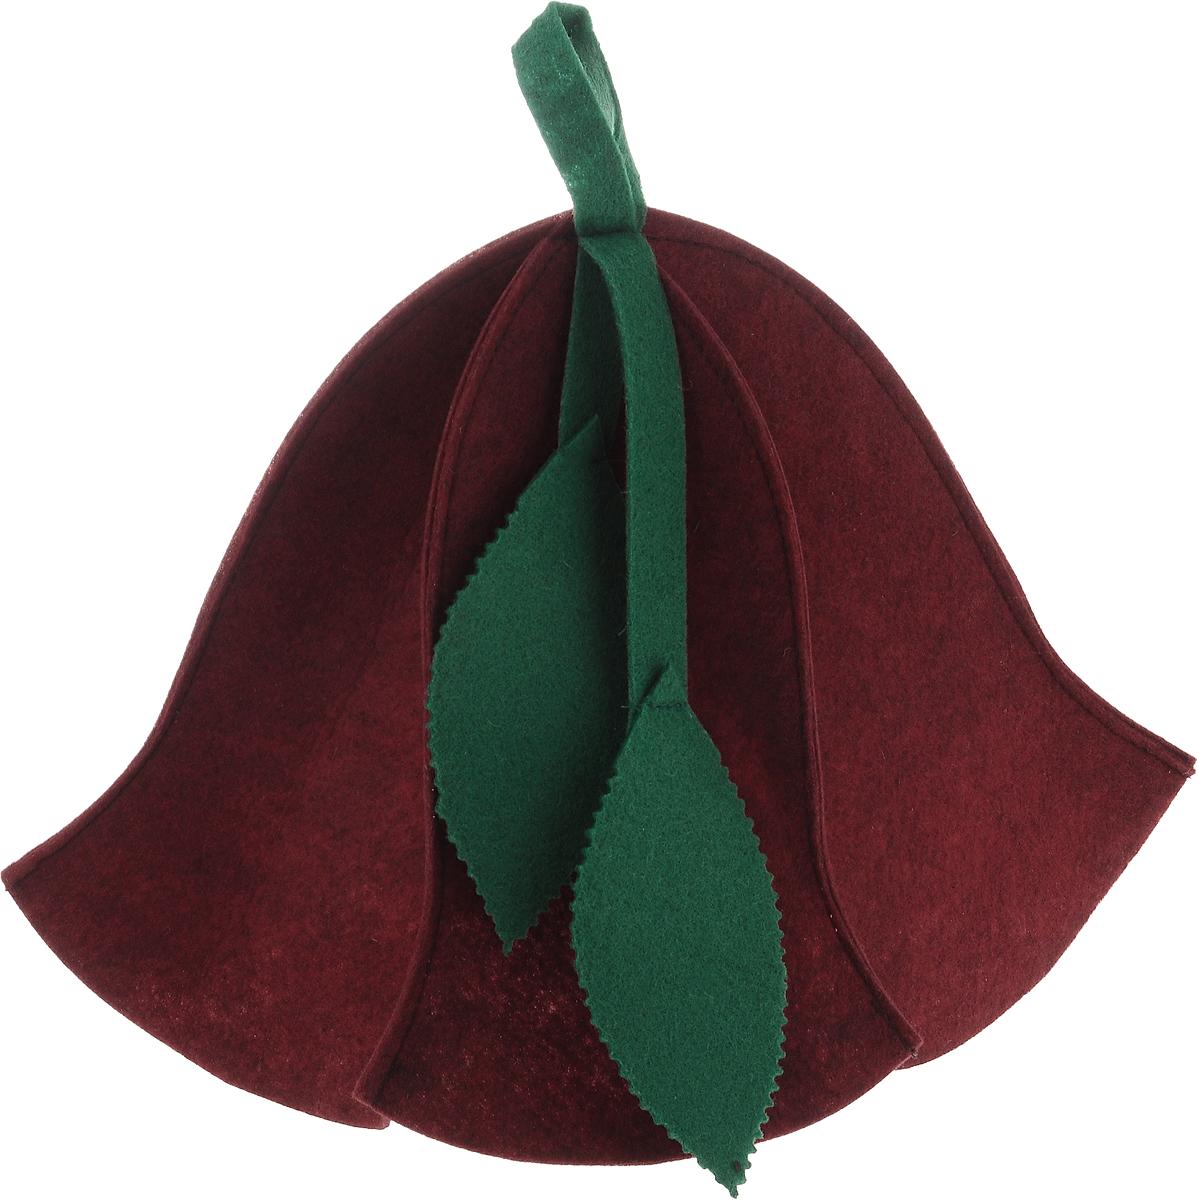 Шапка для бани и сауны Доктор баня Вьюнок, цвет: красныйАрс-117Шапка для бани и сауны Доктор баня Вьюнок изготовлена из фильца (100% полиэстер) - нетканого полотна. Это незаменимый аксессуар для любителей попариться в русской бане и для тех, кто предпочитает сухой жар финской бани. Необычный дизайн изделия поможет сделать ваш отдых приятным и разнообразным, к тому же шапка защитит вас от головокружения в парилке, ваши волосы - от сухости и ломкости, а голову - от перегрева.Такая шапка станет отличным подарком для любителей отдыха в бане или сауне.Диаметр основания шапки: 31 см. Высота шапки: 26 см.